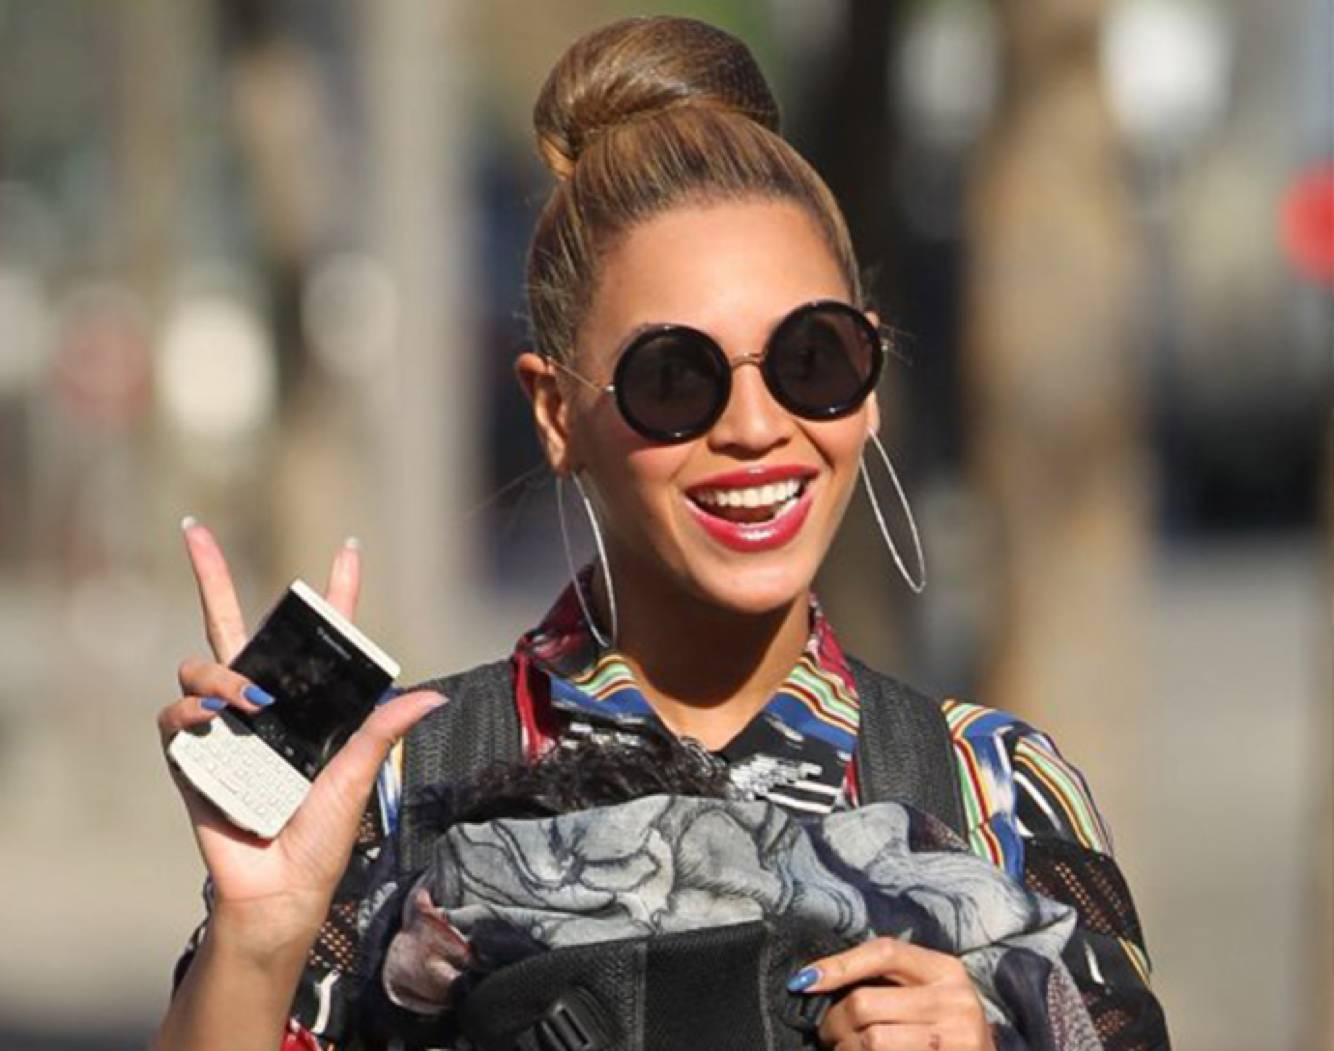 Beyonce-wearing-sunglasses-Photo-Pinterest